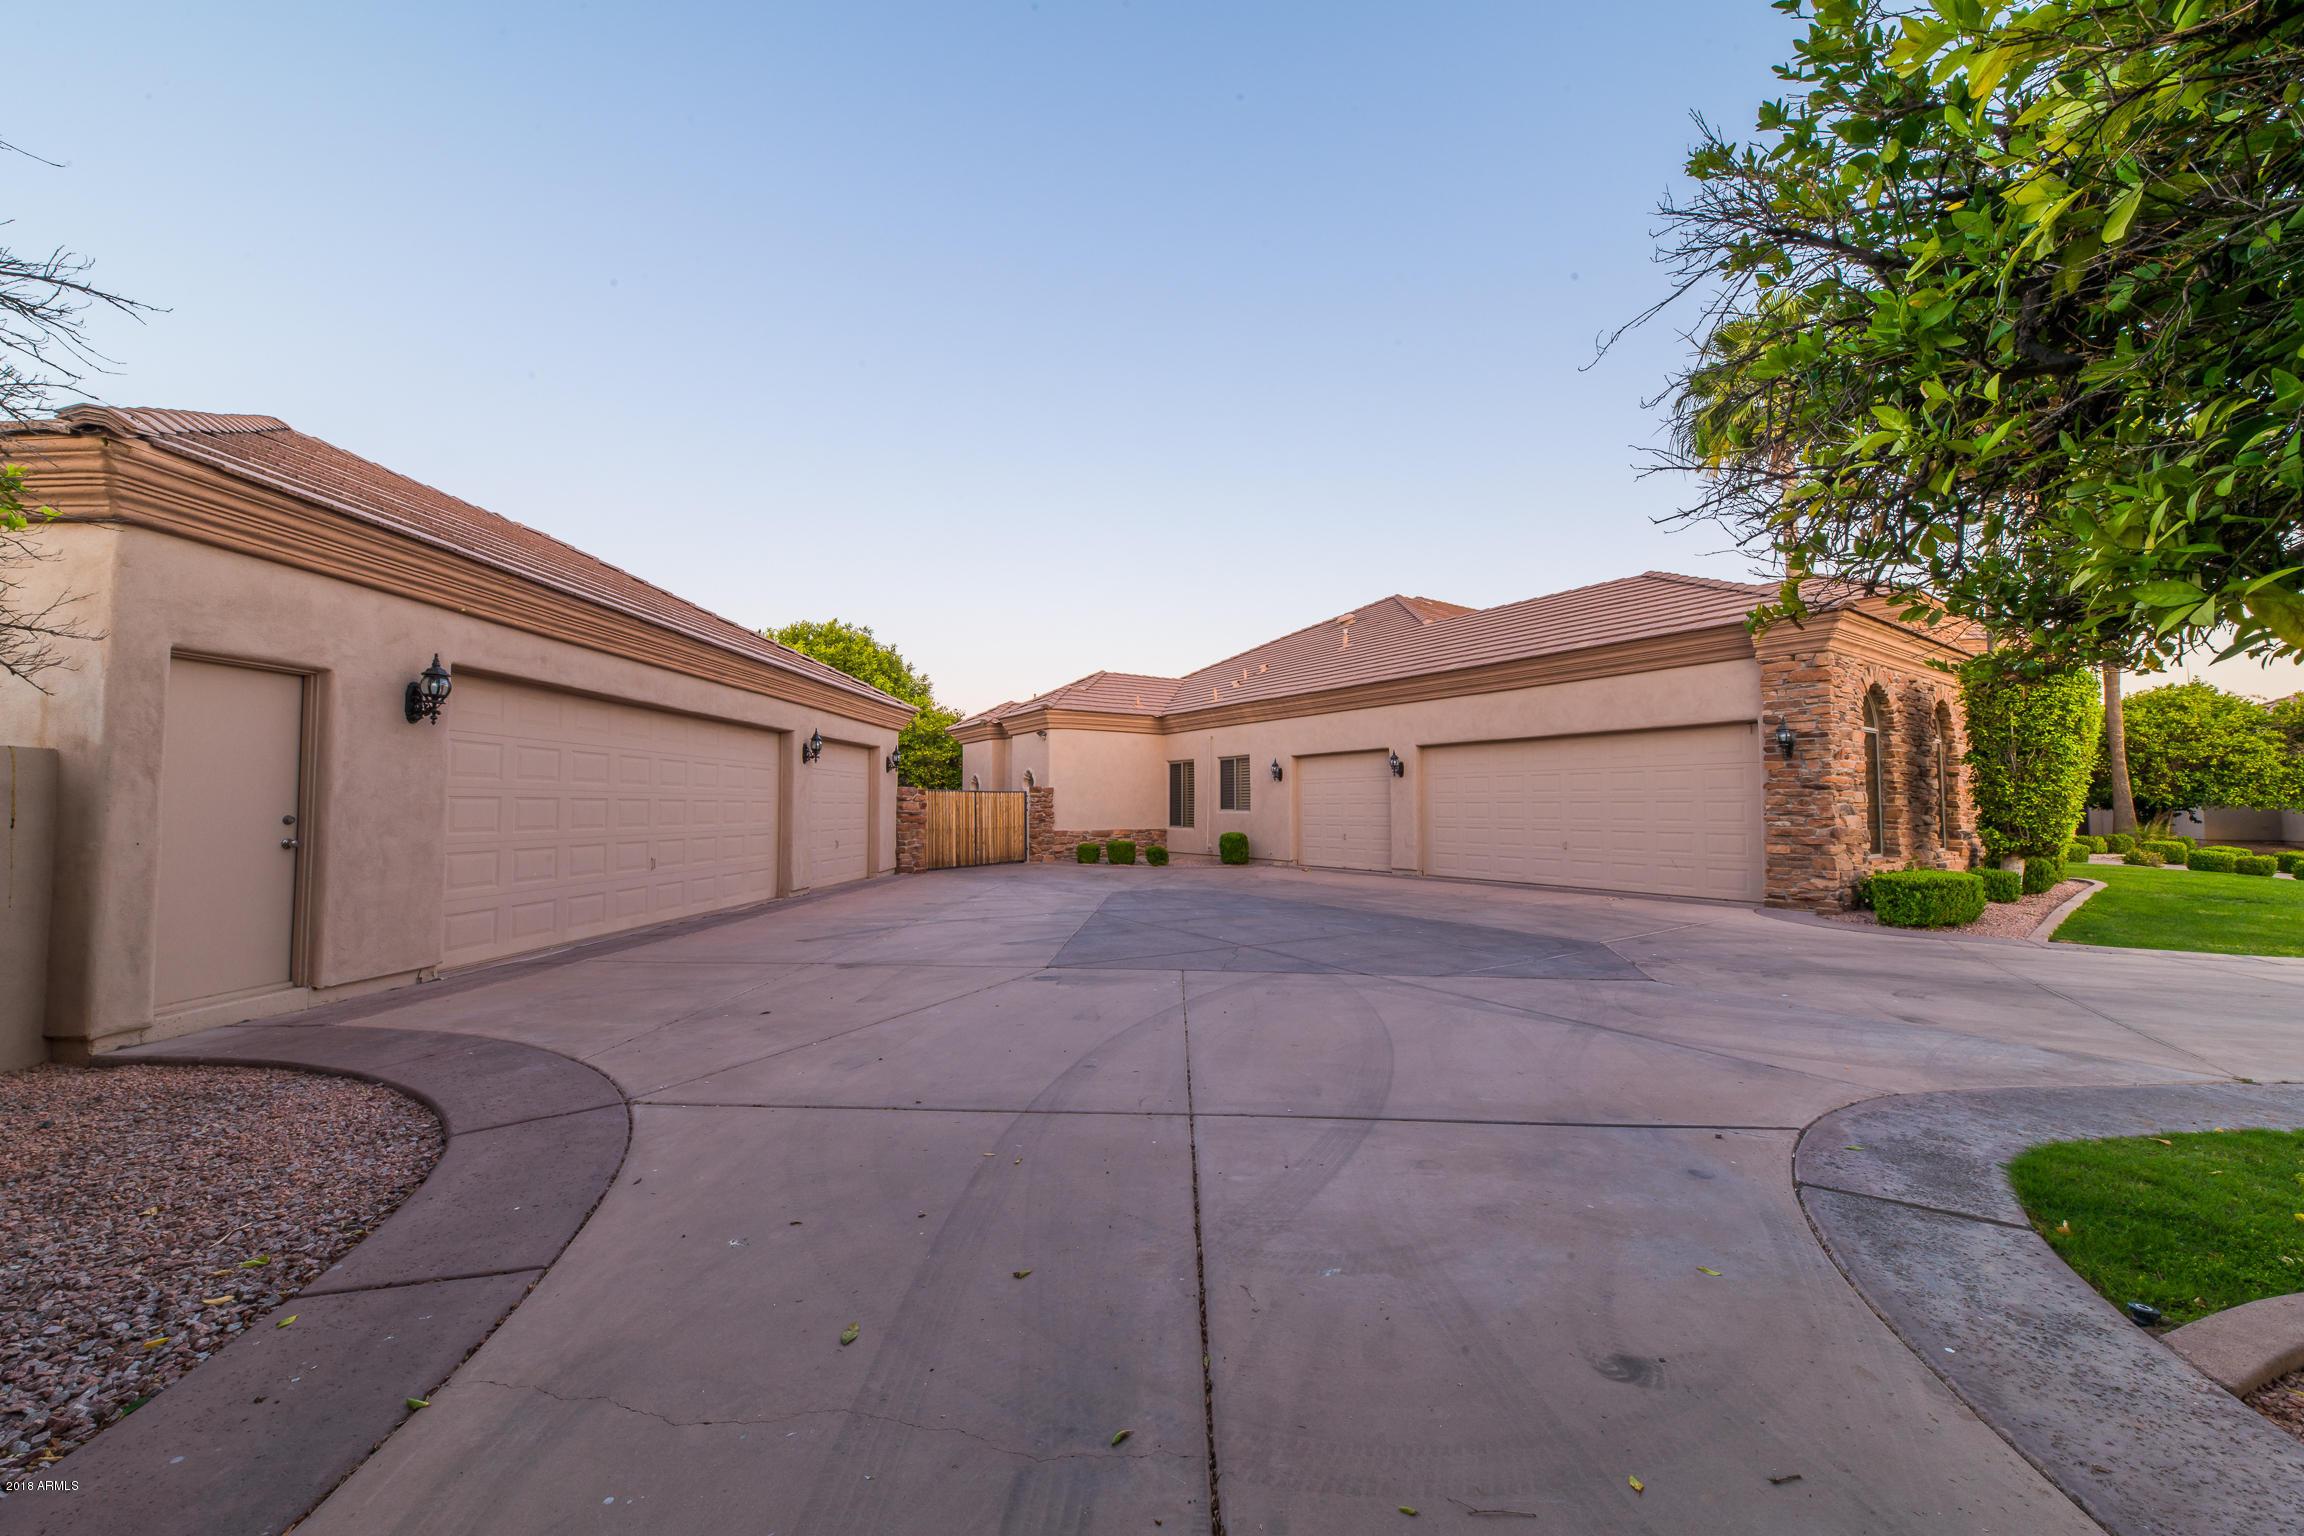 MLS 5770929 4122 E MCLELLAN Road Unit 3, Mesa, AZ 85205 Mesa AZ Short Sale